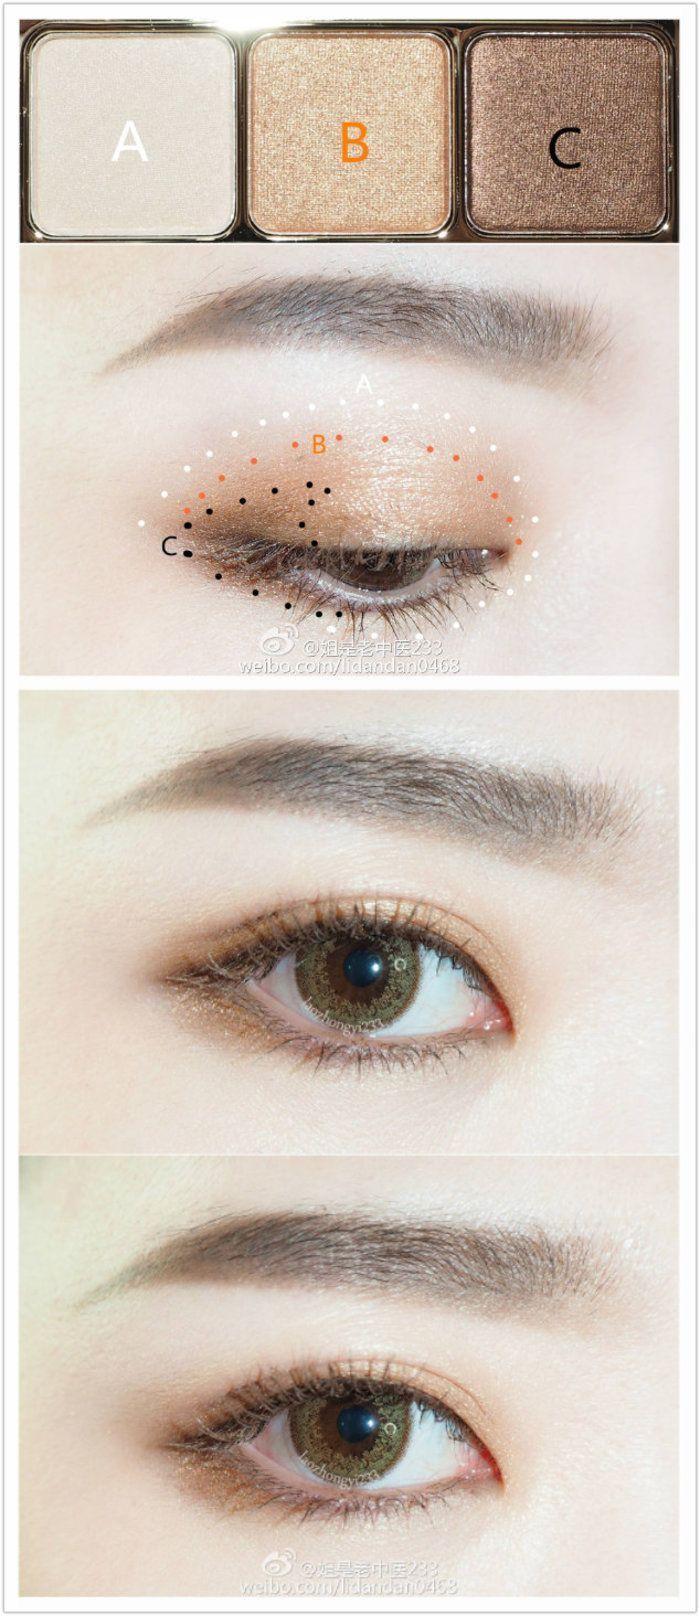 Natural make up #make up #eyemakeup